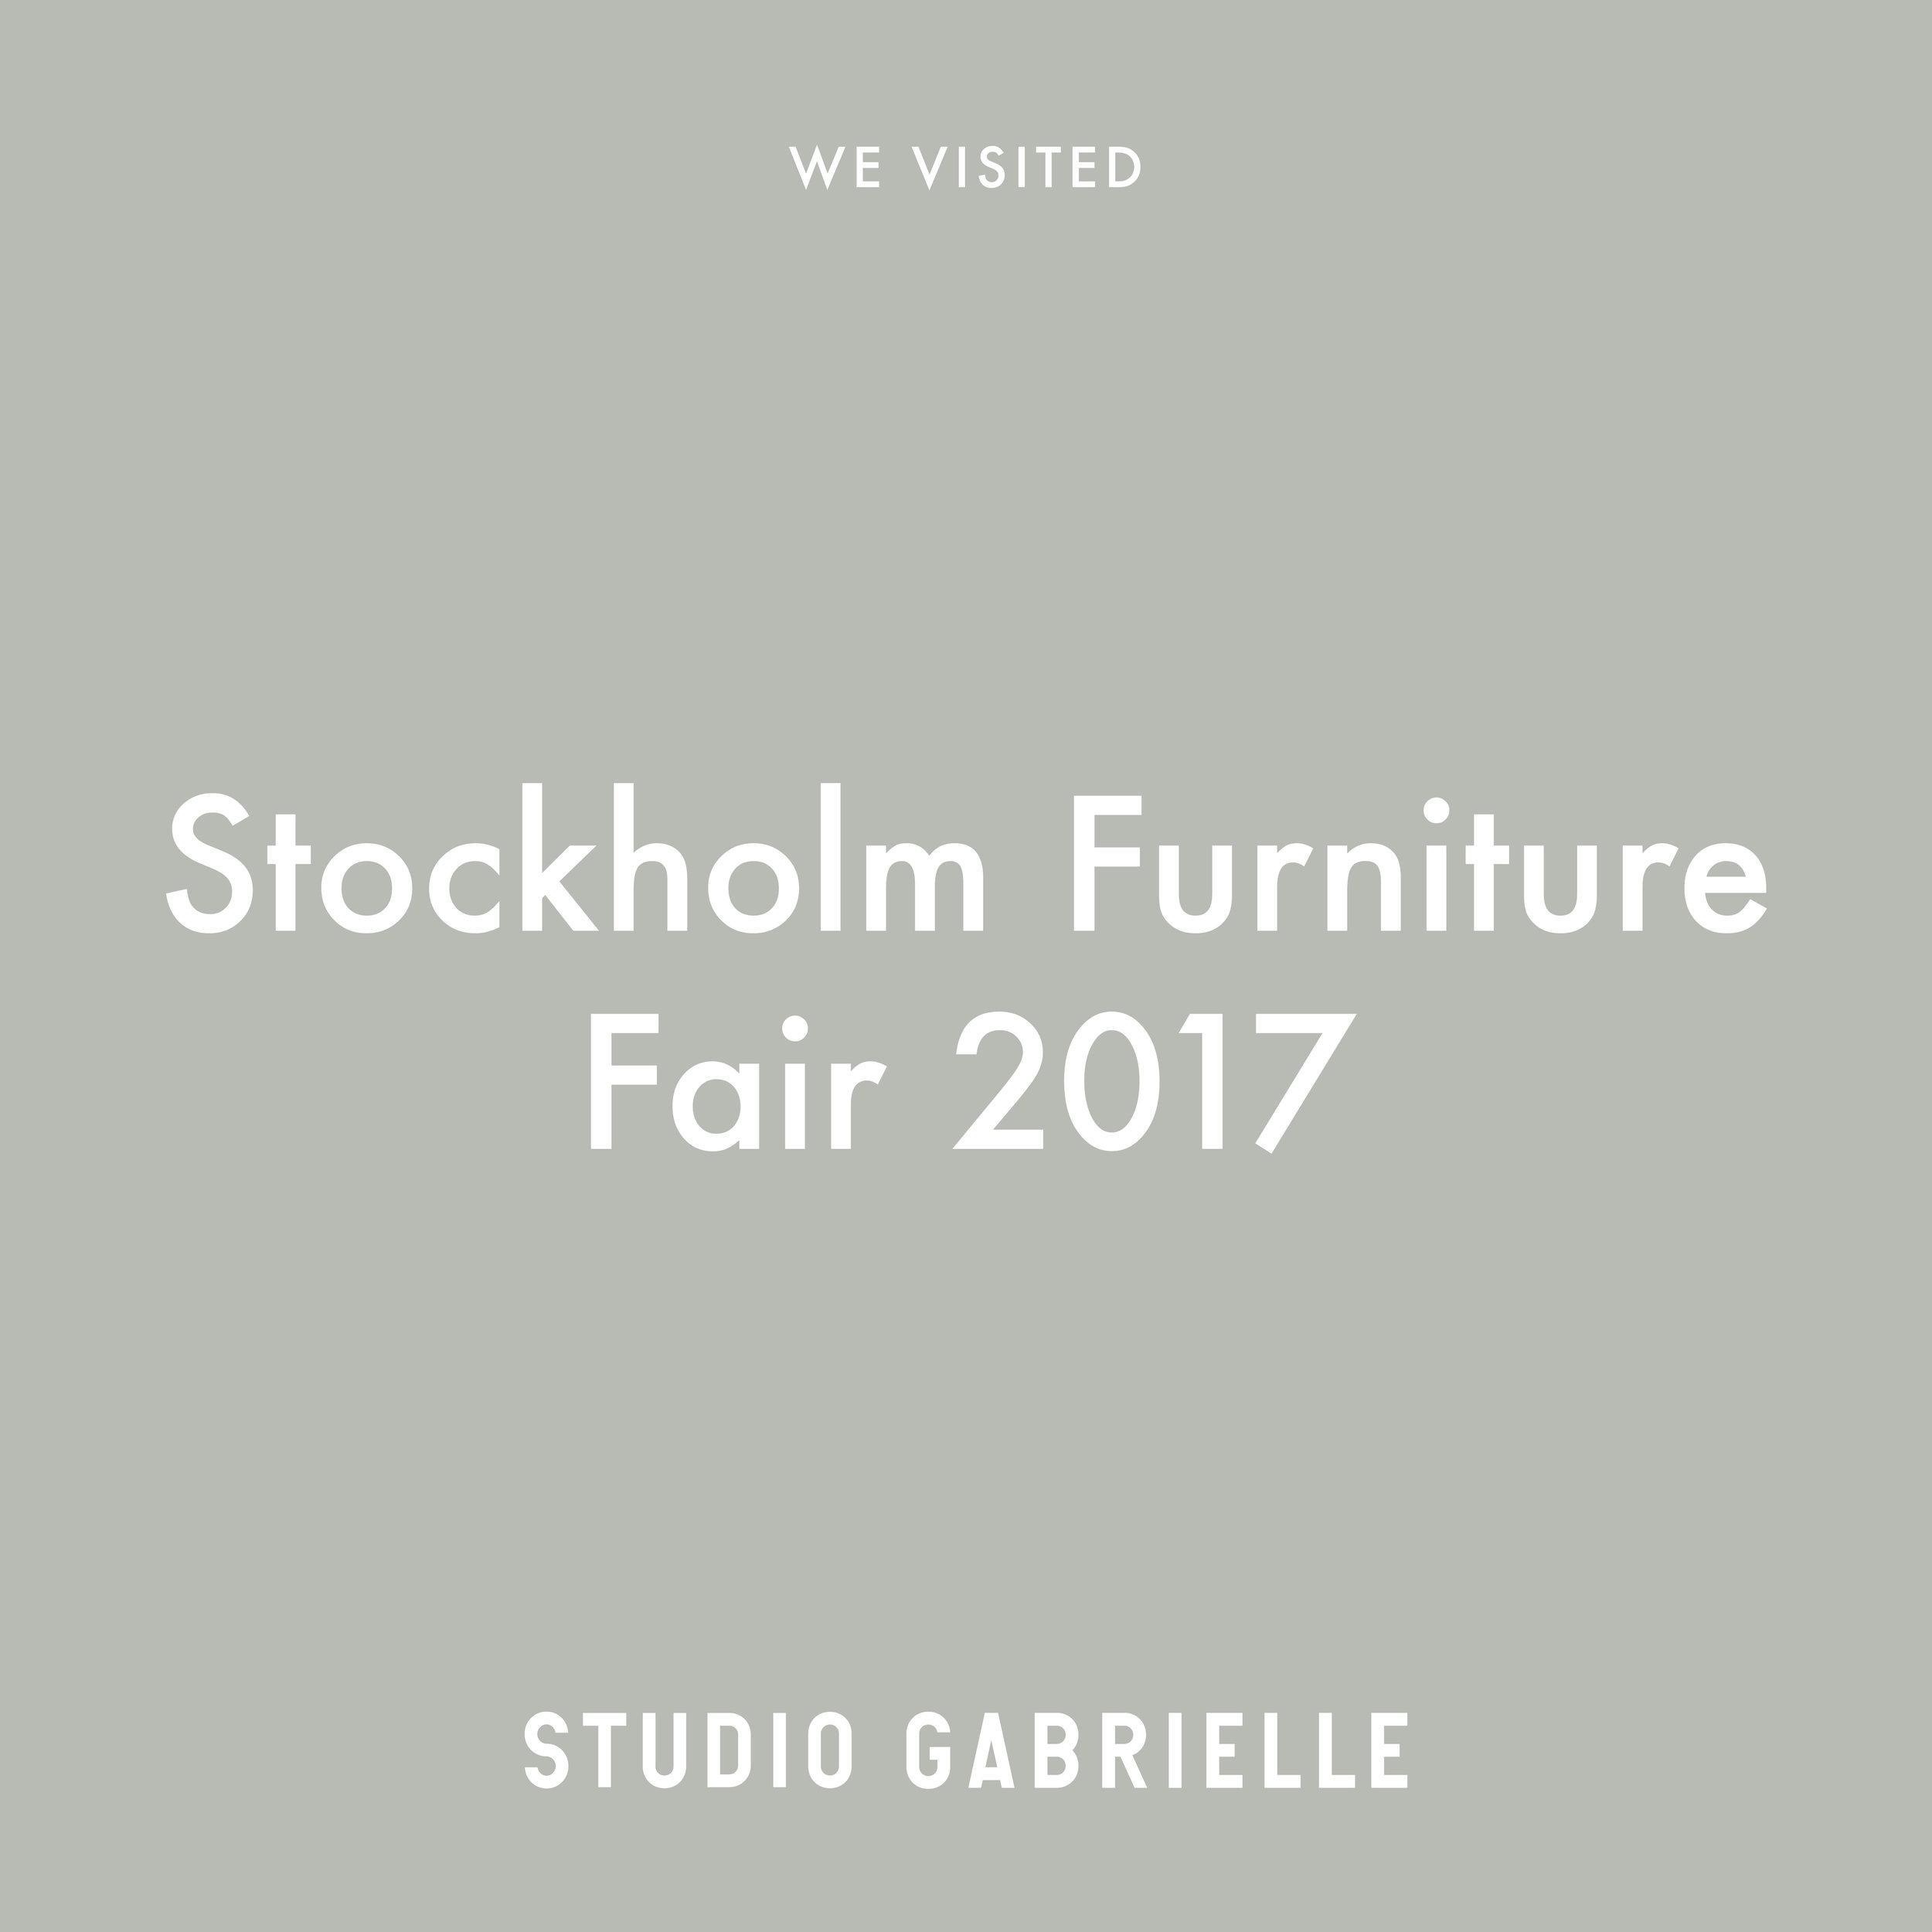 StudioGabrielle_WeVisited_StockholmFurnitureFair_SFF